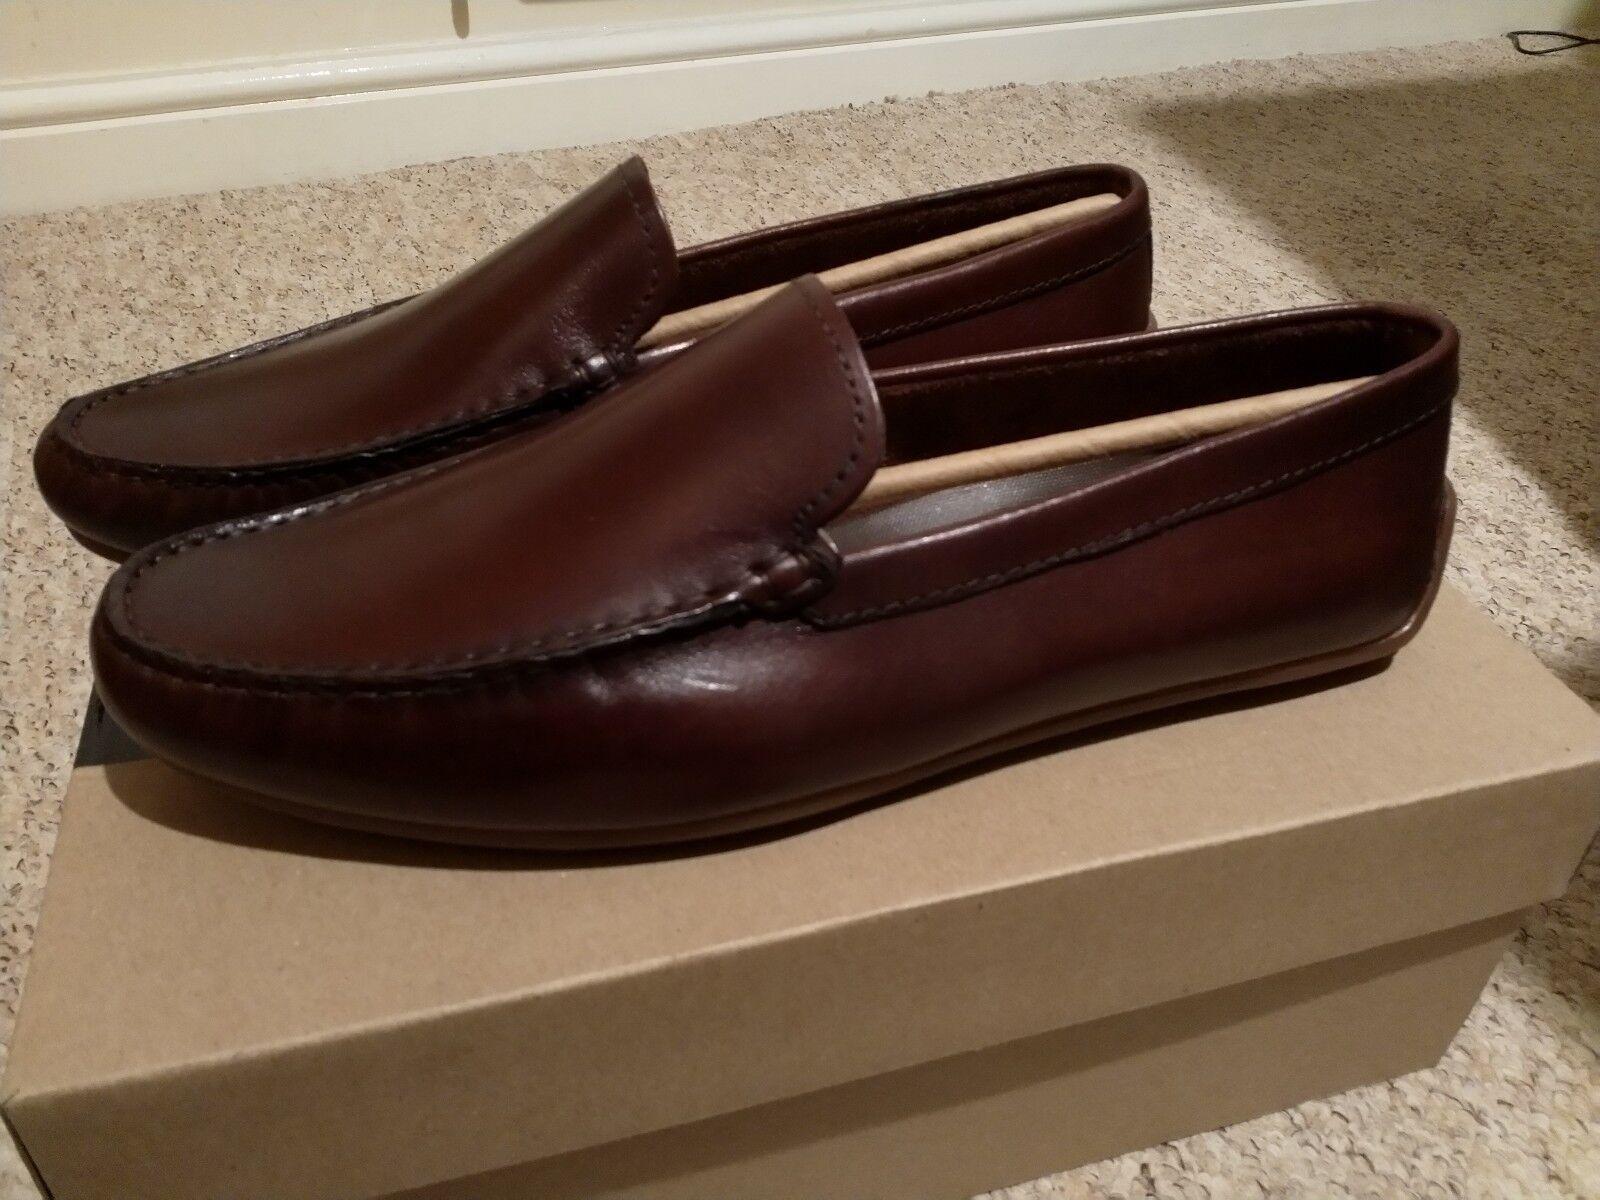 Recortes de precios estacionales, beneficios de descuento Clarks Hombre Zapatos Mocassins borde reazor-Nuevo